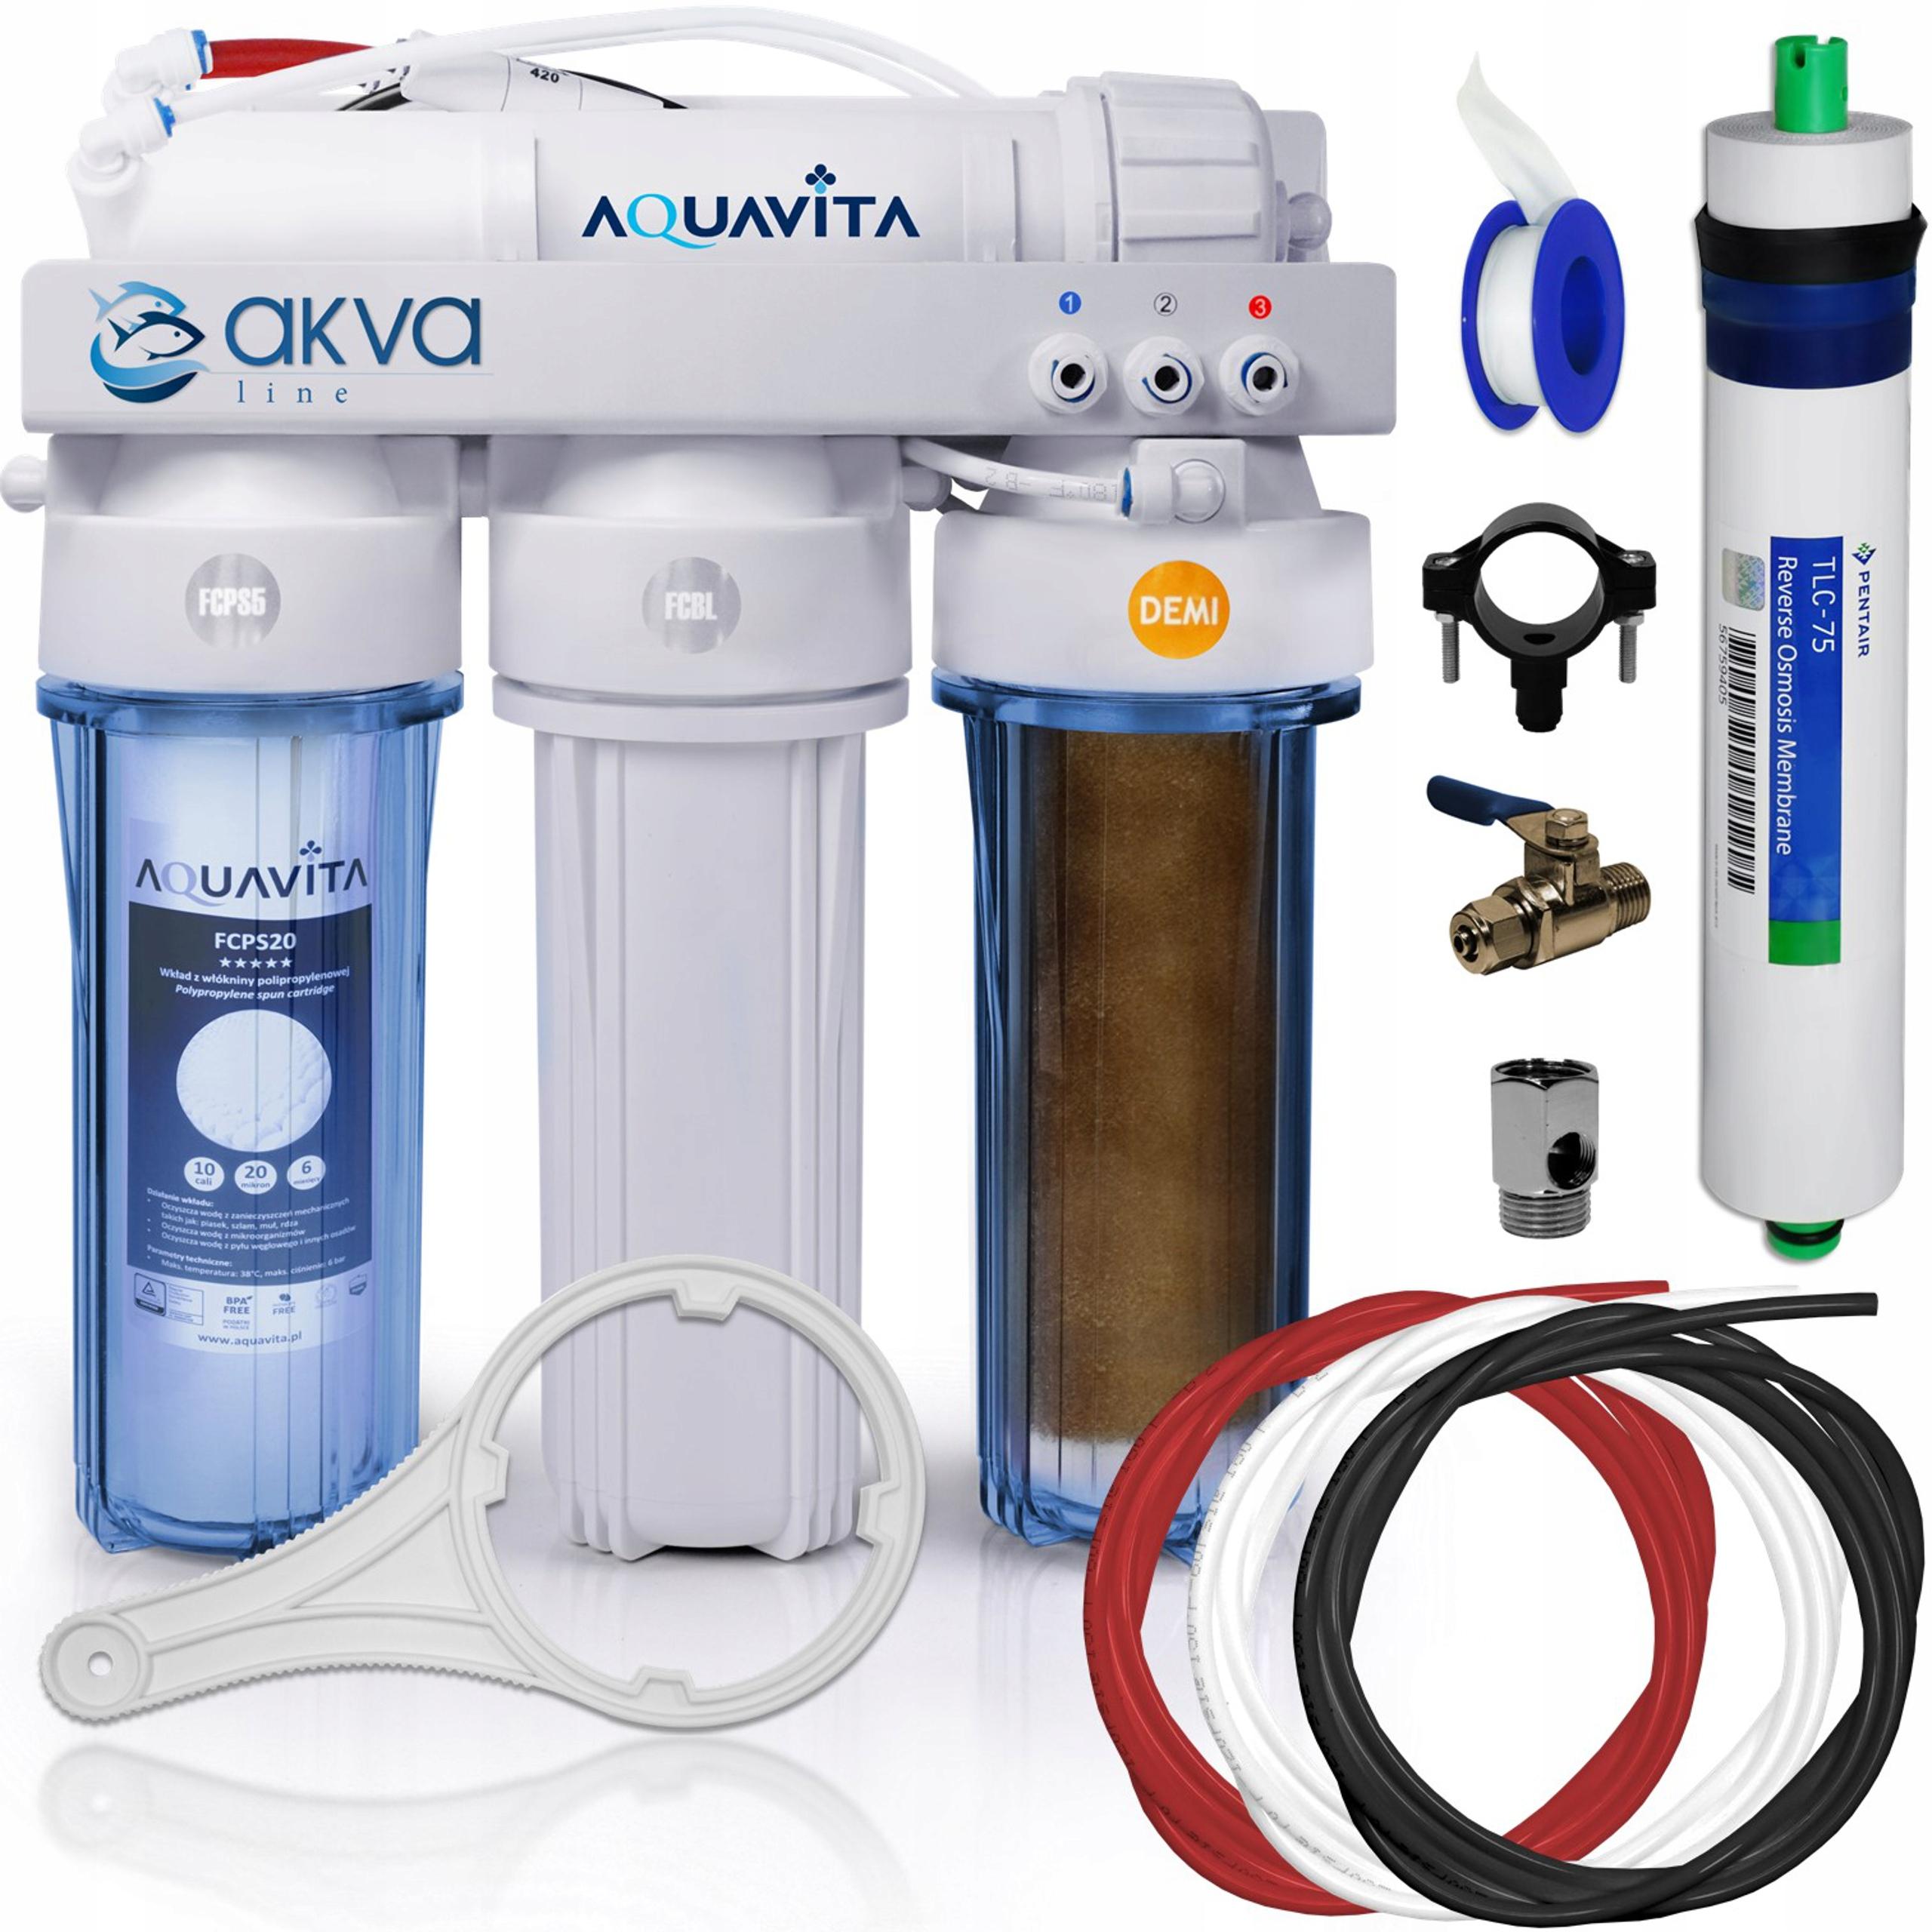 Фильтр для воды АКВАРИСТИЧЕСКИЙ OSMOSIS RO 4 75 GPD DEMI